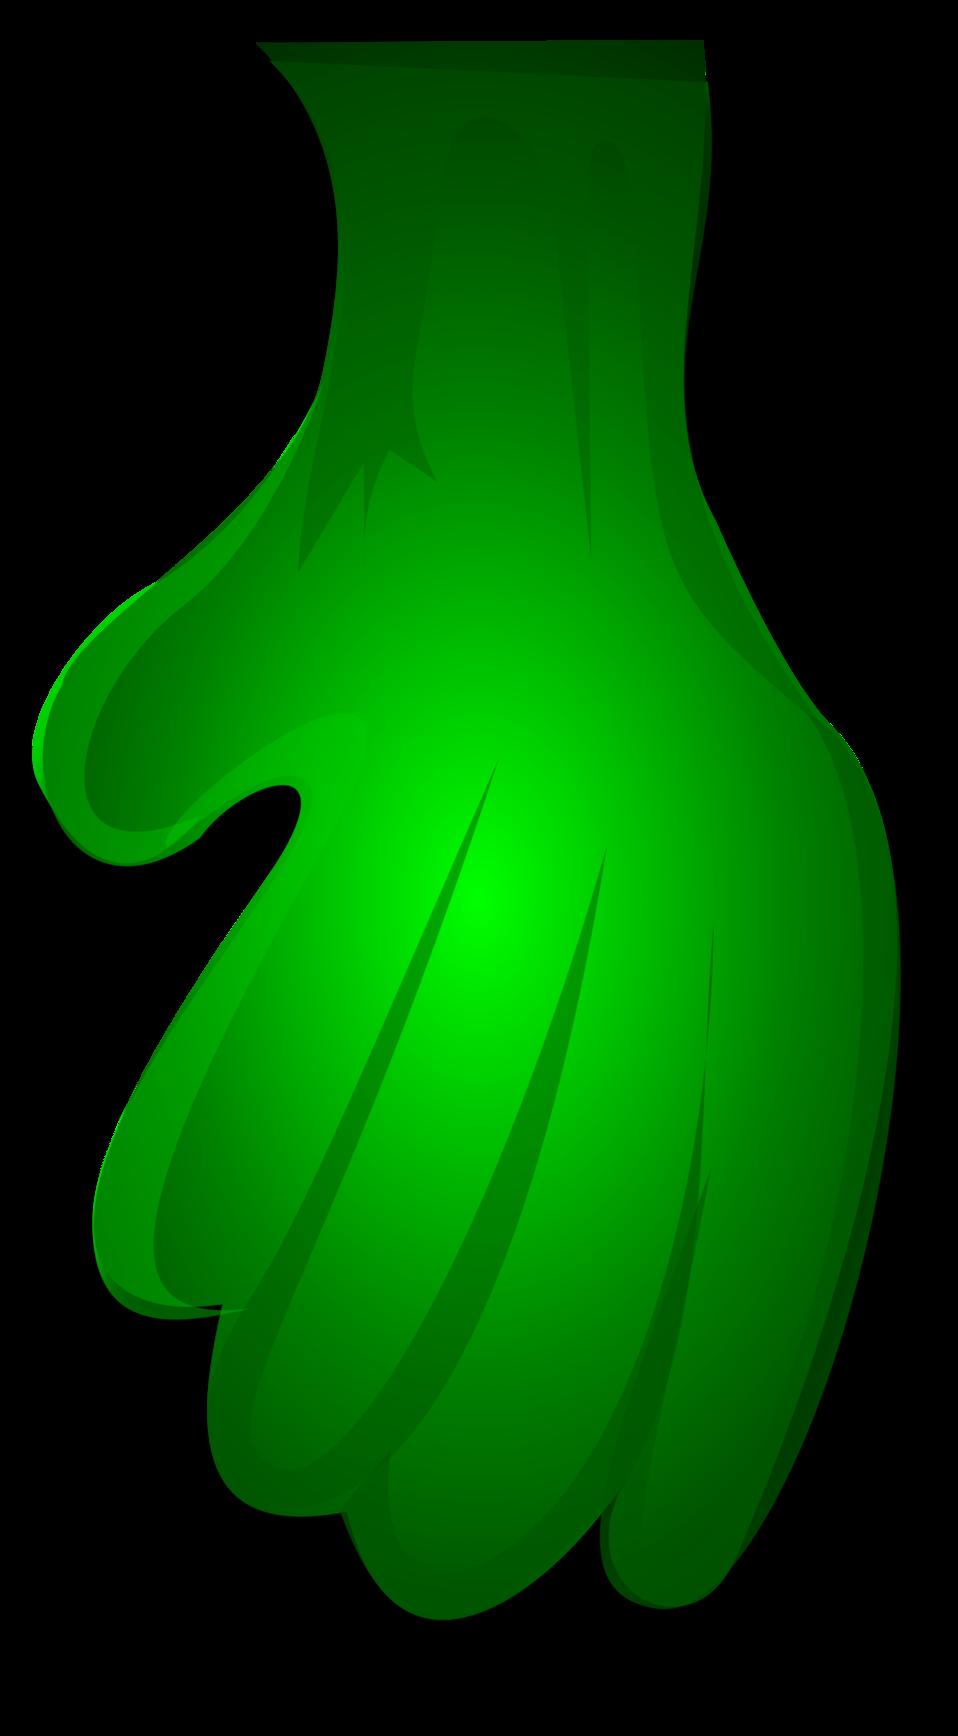 Green Monster Hand 1